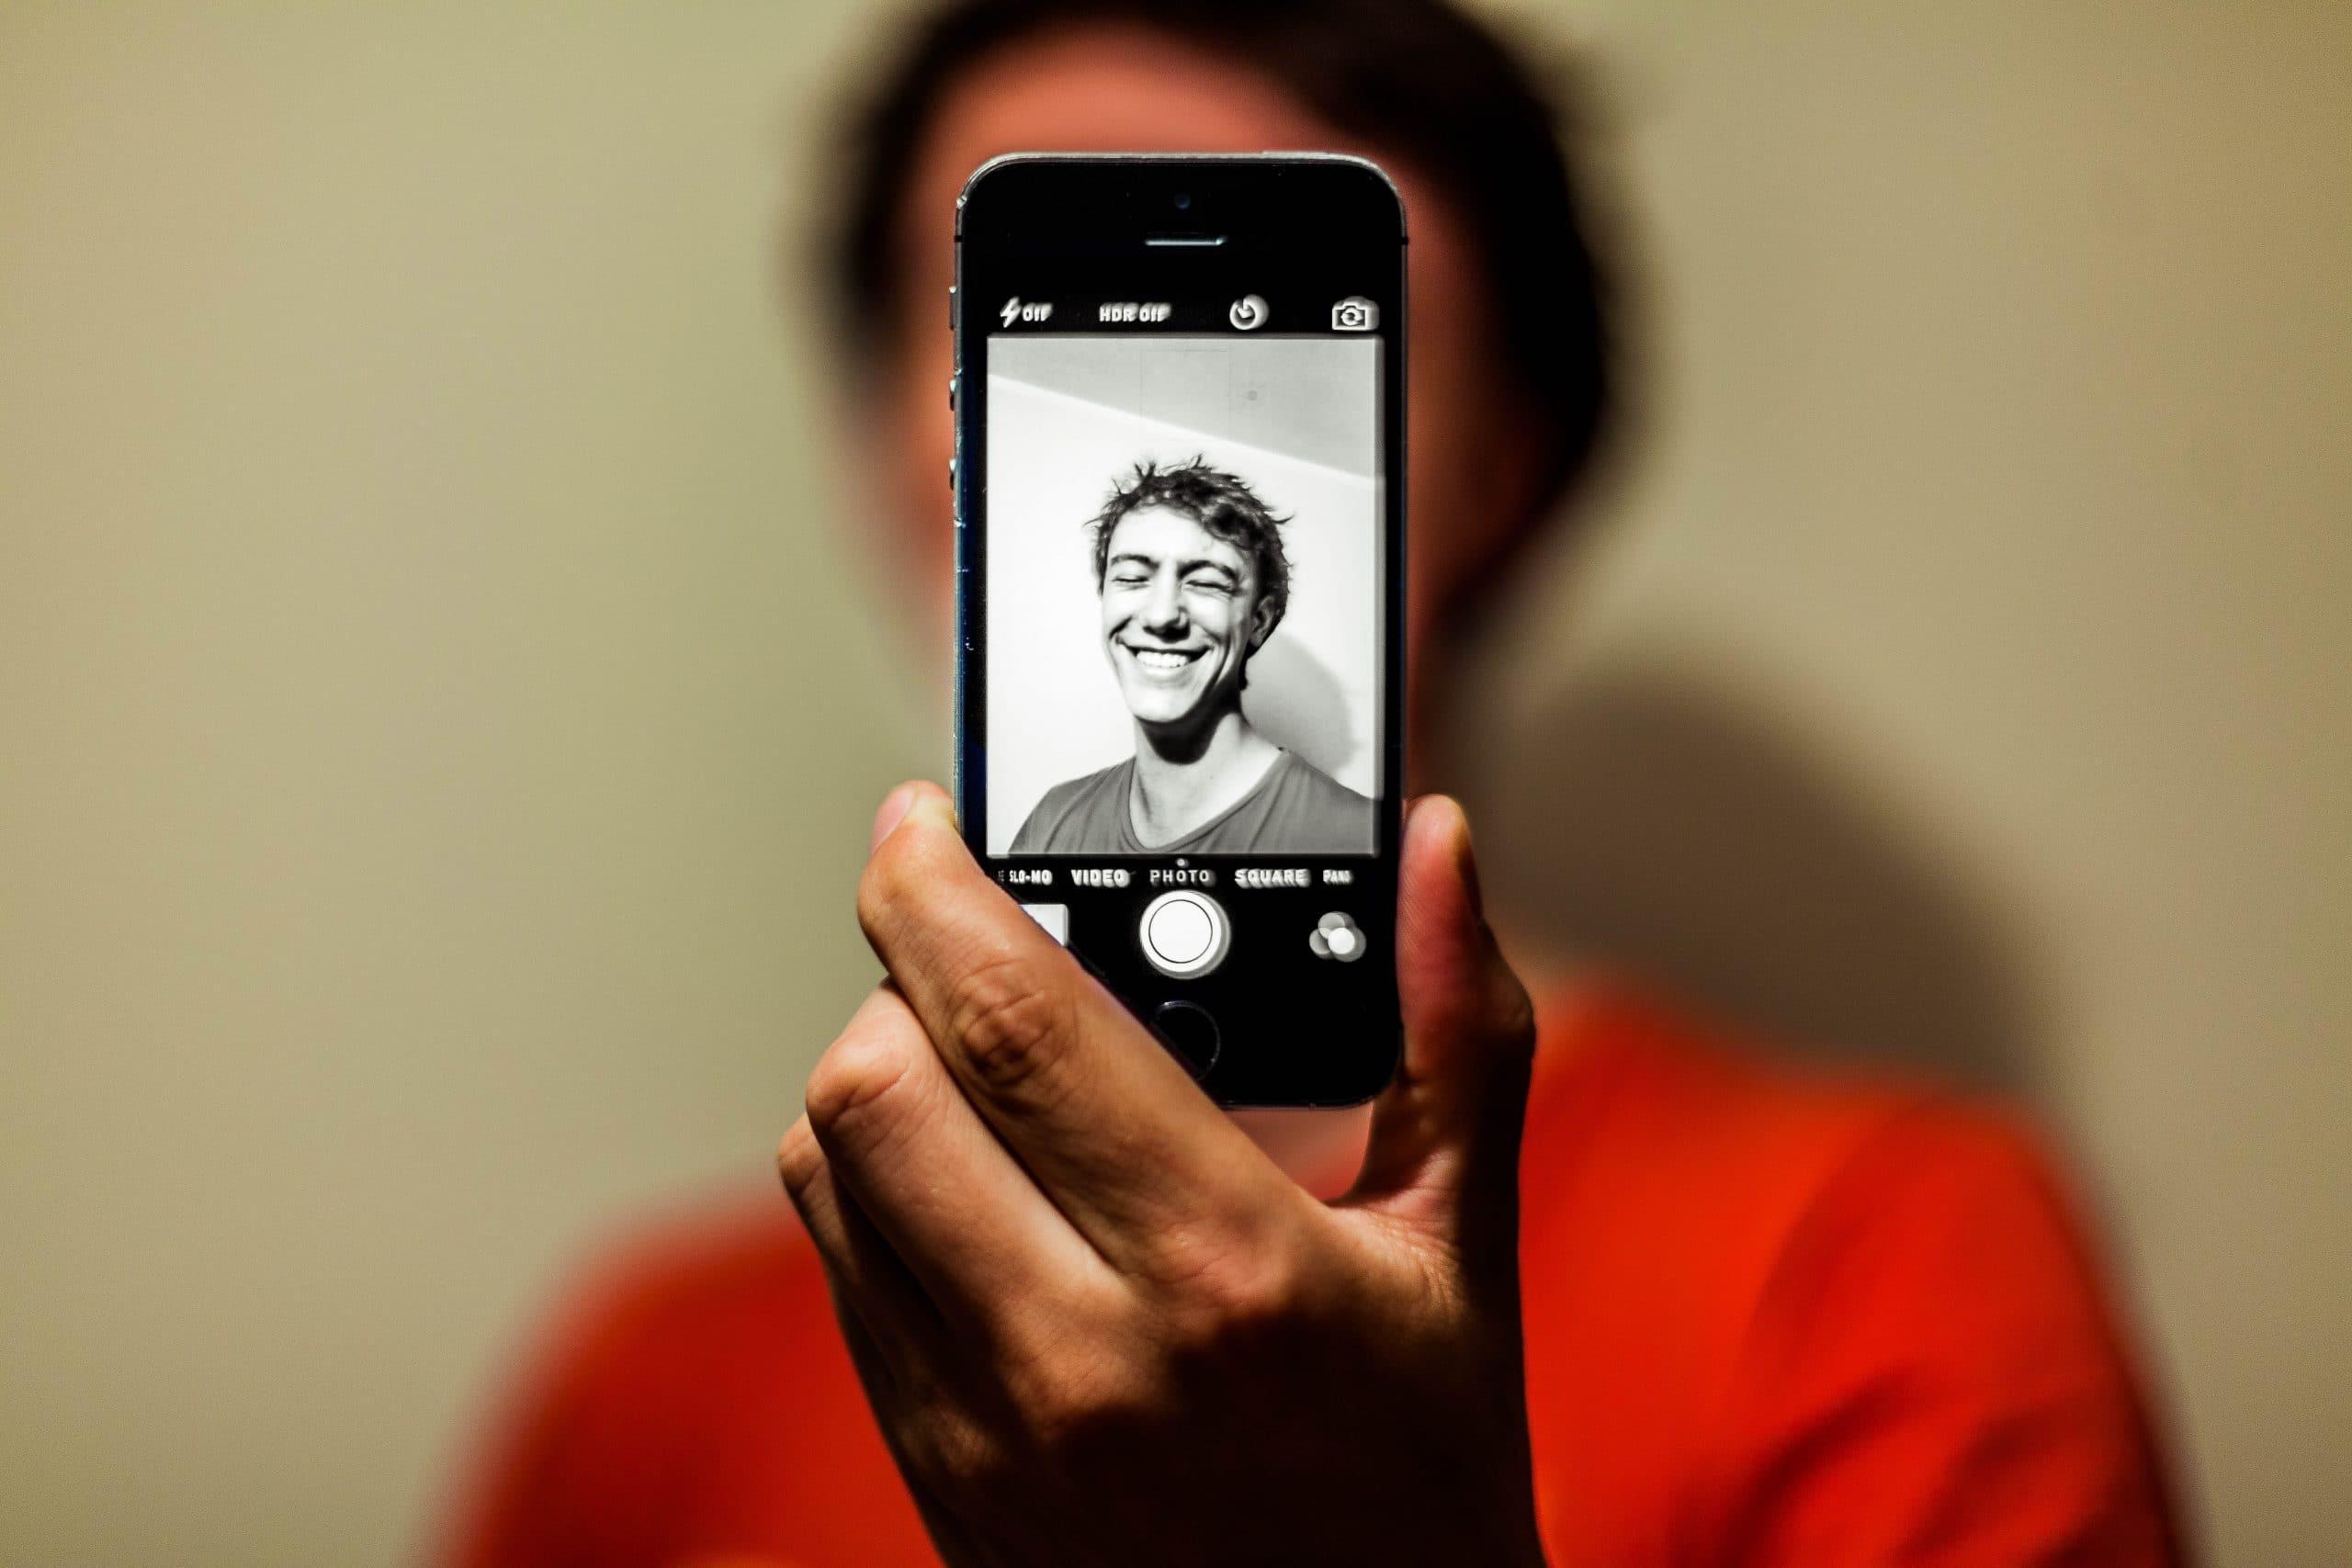 Homem em foto de celular em foco com corpo ao fundo